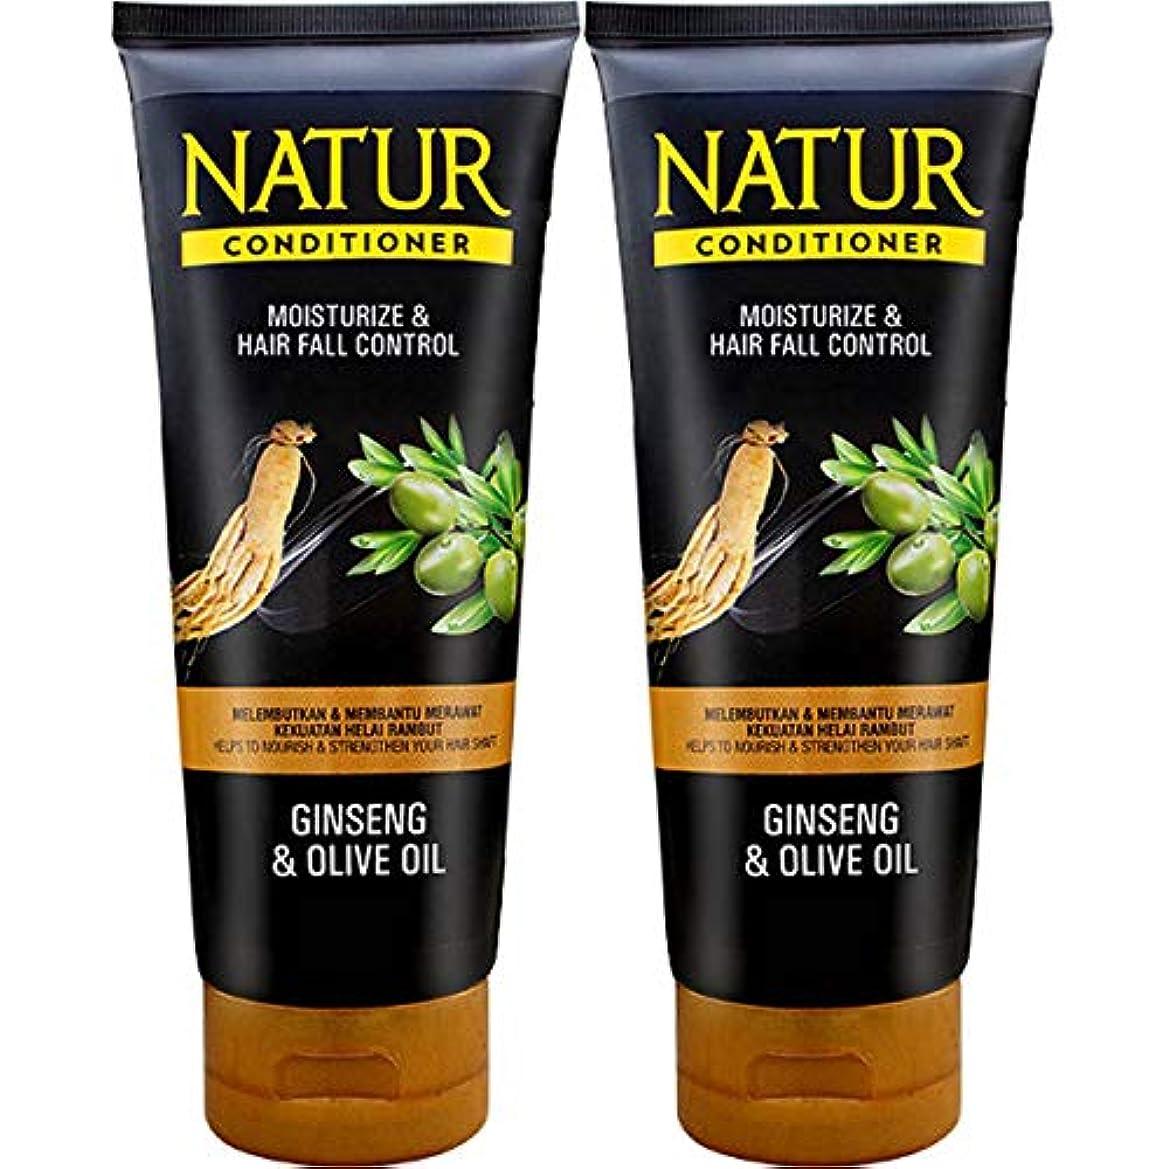 着実にペフ命令NATUR ナトゥール 天然植物エキス配合 ハーバルコンディショナー 165ml×2個セット Ginseng&Olive oil ジンセン&オリーブオイル [海外直商品]